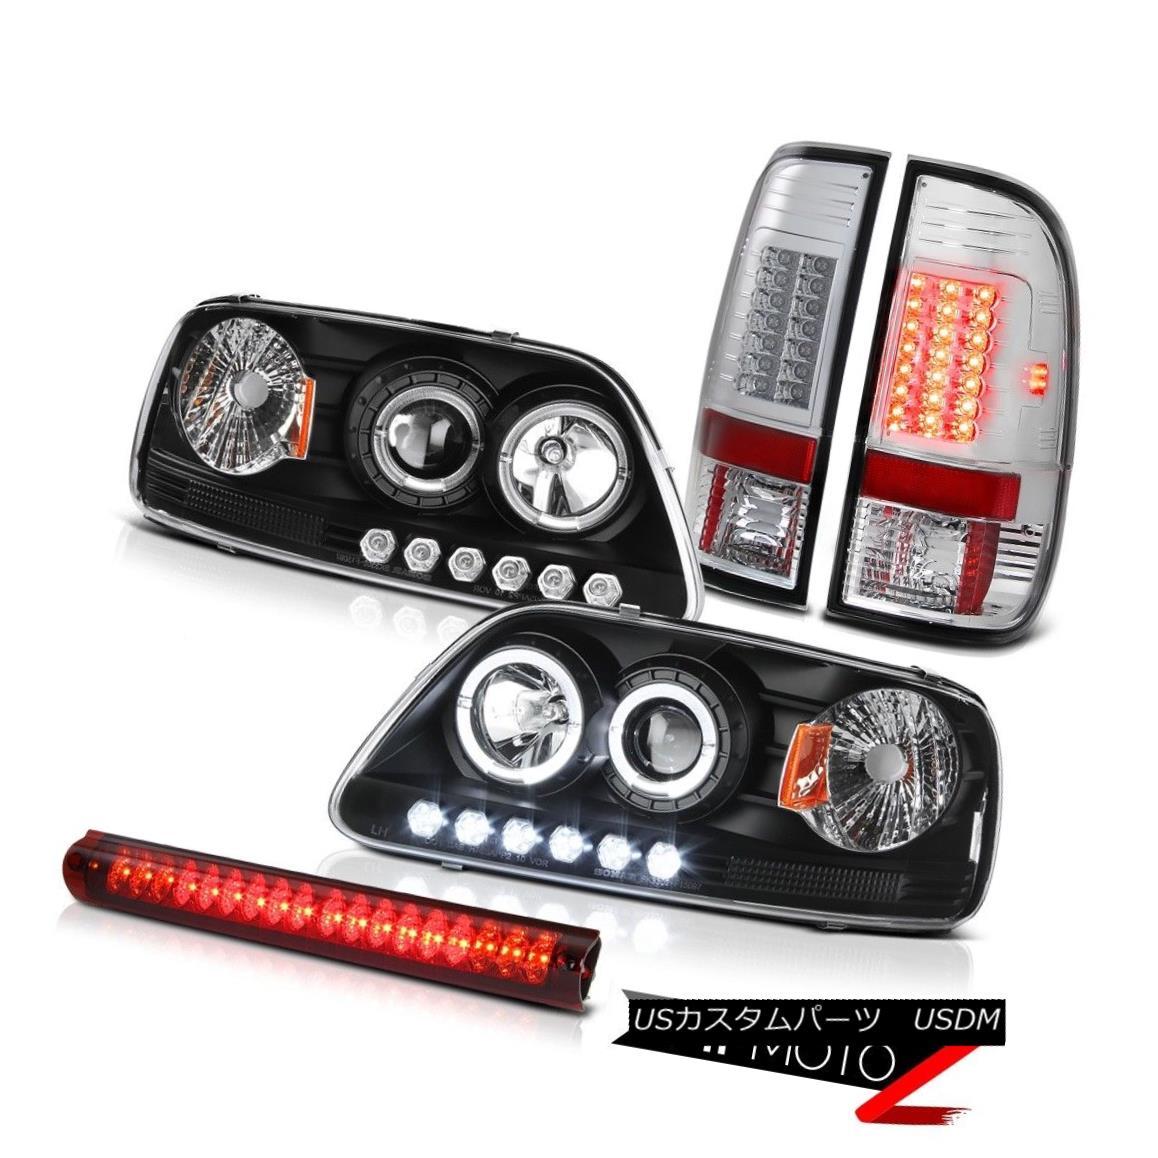 ヘッドライト Black Headlight Brake Lamps Tail Lights Wine Red Third LED 97-03 F150 King Ranch ブラックヘッドライトブレーキランプテールライトワインレッドThird LED 97-03 F150 King Ranch